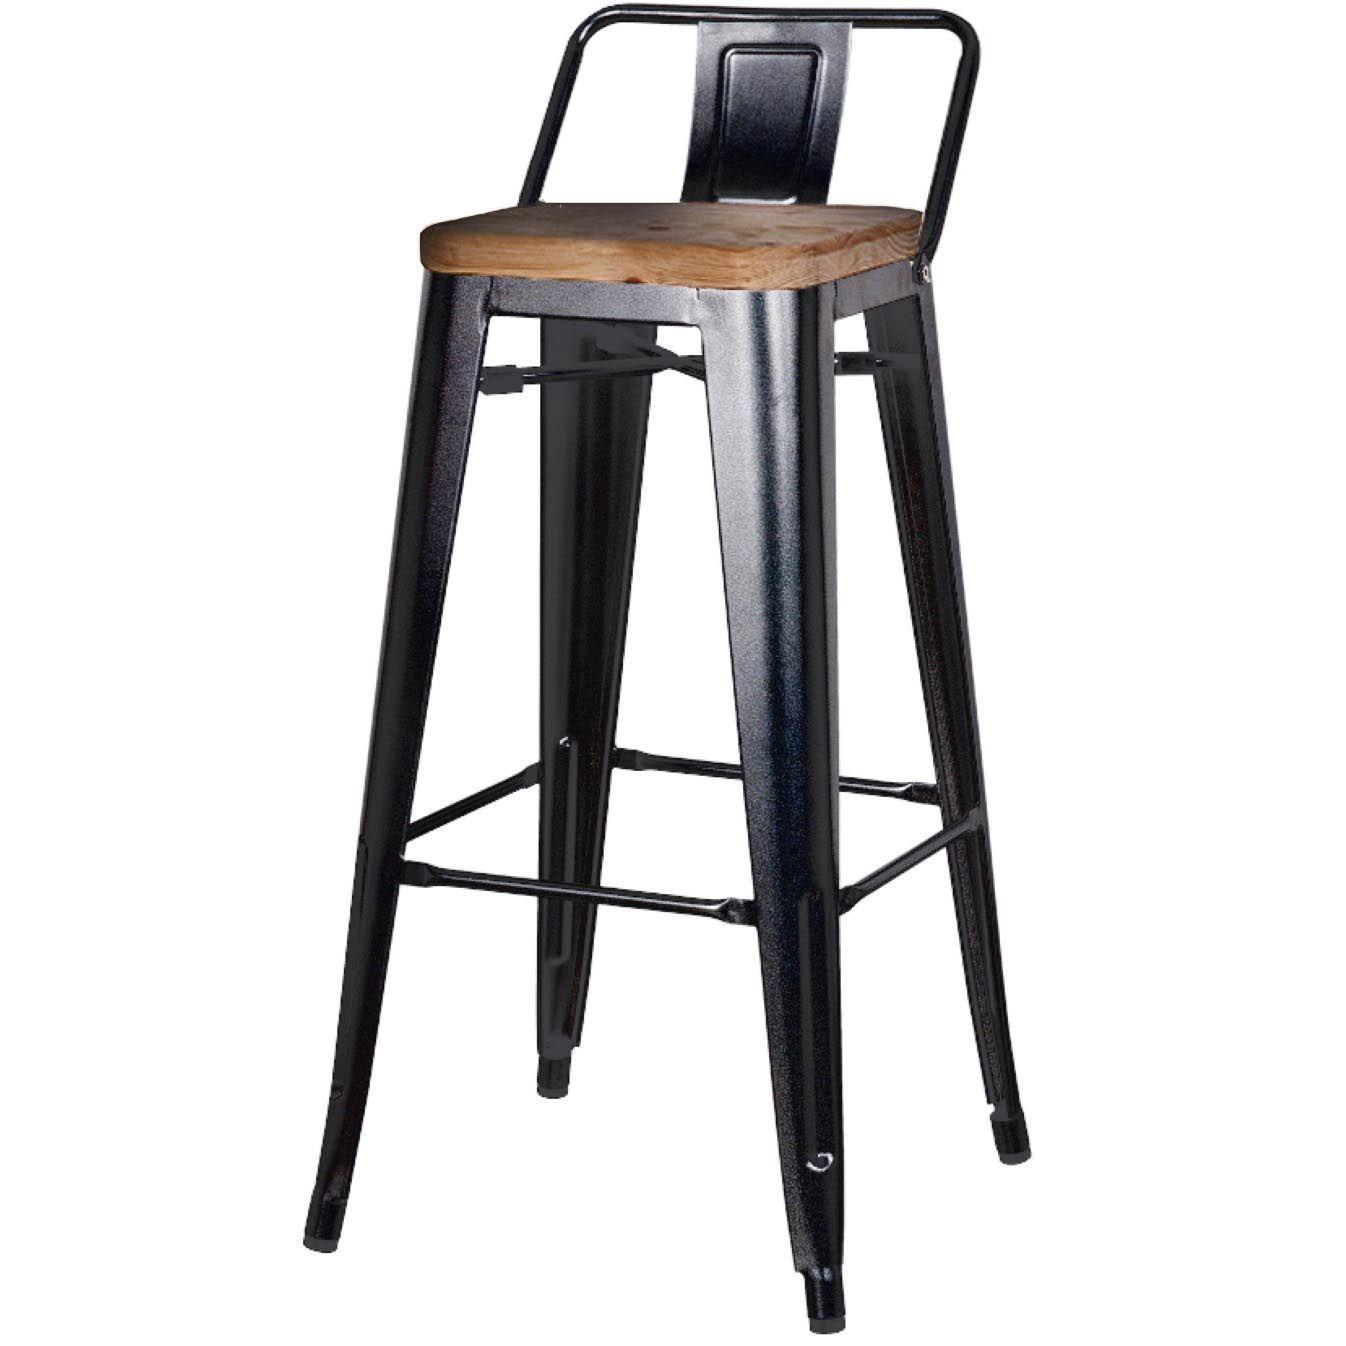 Metropolis Low Back Bar Stool Wood Seat Black Set of 4  sc 1 st  Pinterest & Metropolis Low Back Bar Stool Wood Seat Black Set of 4 | Bar ... islam-shia.org